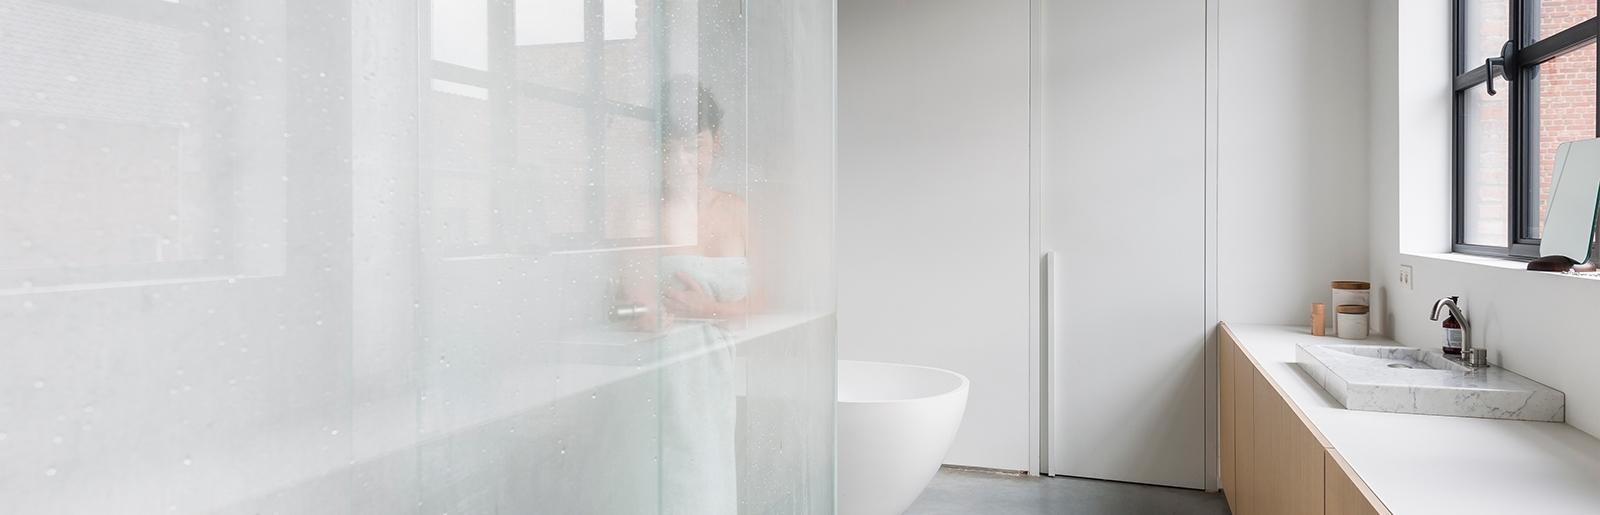 la micro cog n ration le gaz naturel. Black Bedroom Furniture Sets. Home Design Ideas